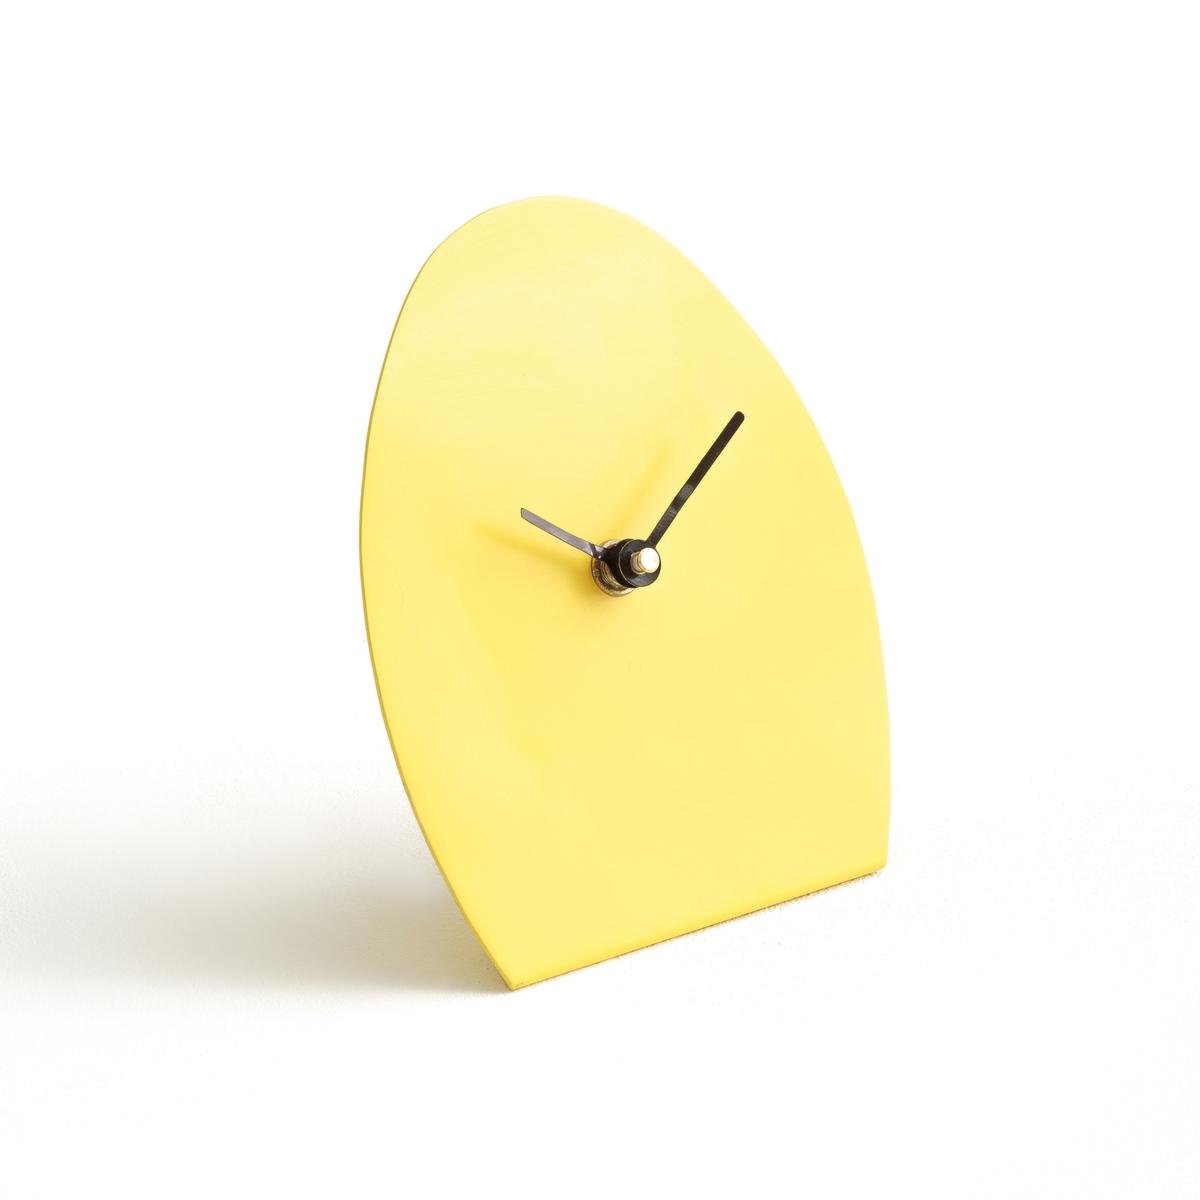 Часы настенные из металла, WekosoОригинальные настенные часы из металла Wekoso с тщательно продуманным дизайном в современной расцветке .Описание настенных часов Wekoso :Металл, покрытый эпоксидной краской.Кварцевый механизм.Работают с 1 батарейкой AA LR06  1,5V, не входит в комплект .Найдите нашу коллекцию настенных часов на сайте laredoute.ru.Размеры часов настенных Wekoso :Высота : 15 смШирина : 12 см<br><br>Цвет: бледно-зеленый,желтый